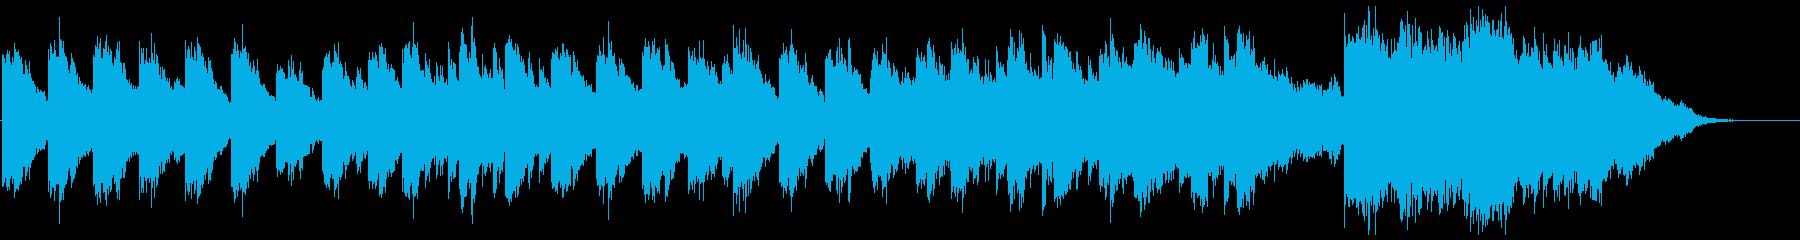 特徴的なピアノのフィルムスコア風楽曲の再生済みの波形